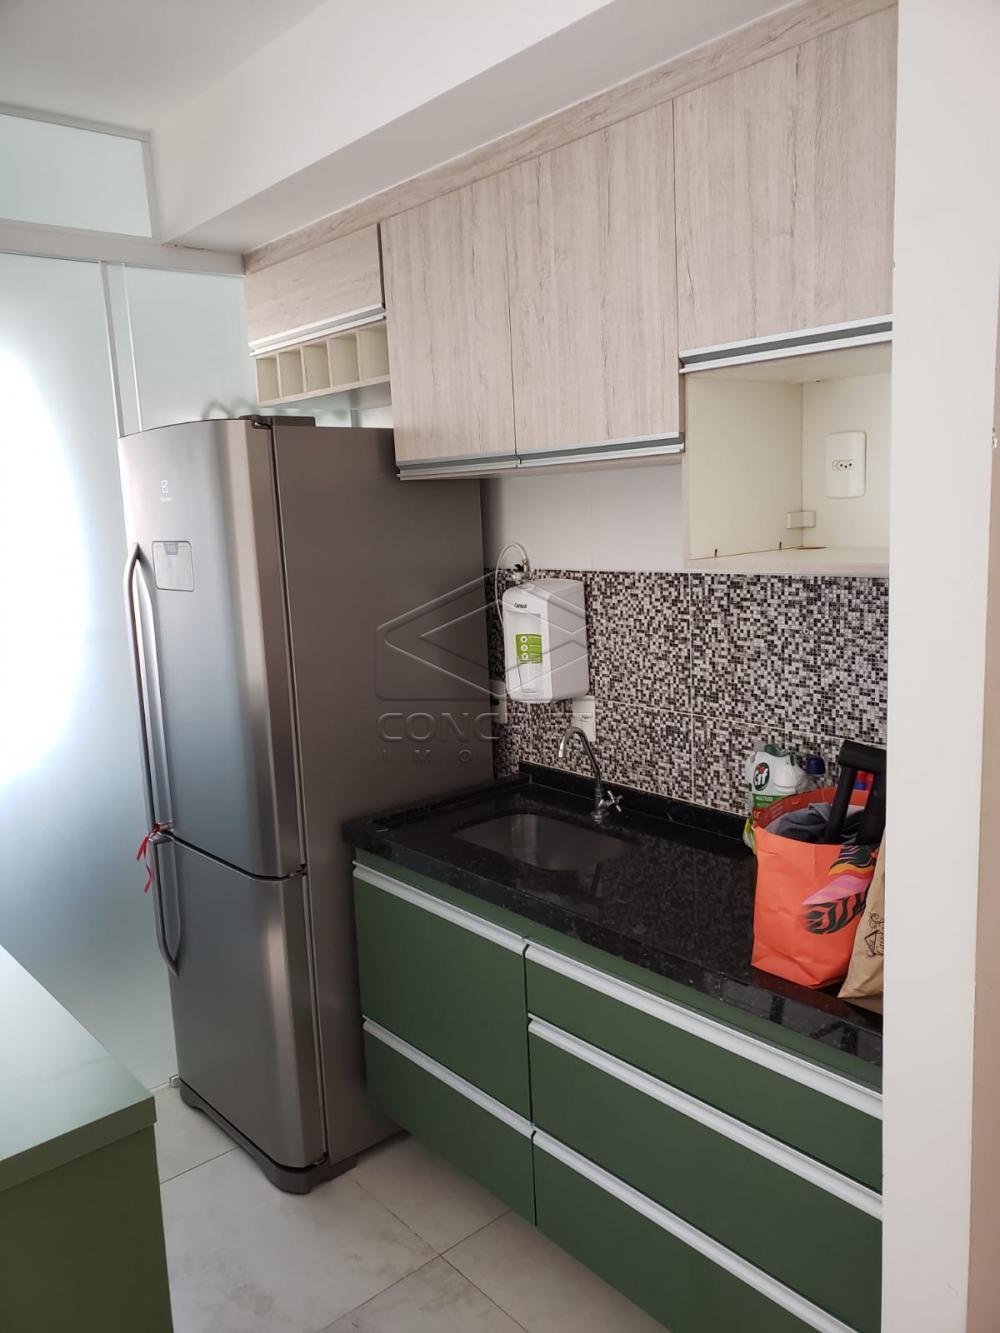 Comprar Apartamento / Padrão em Bauru R$ 360.000,00 - Foto 14